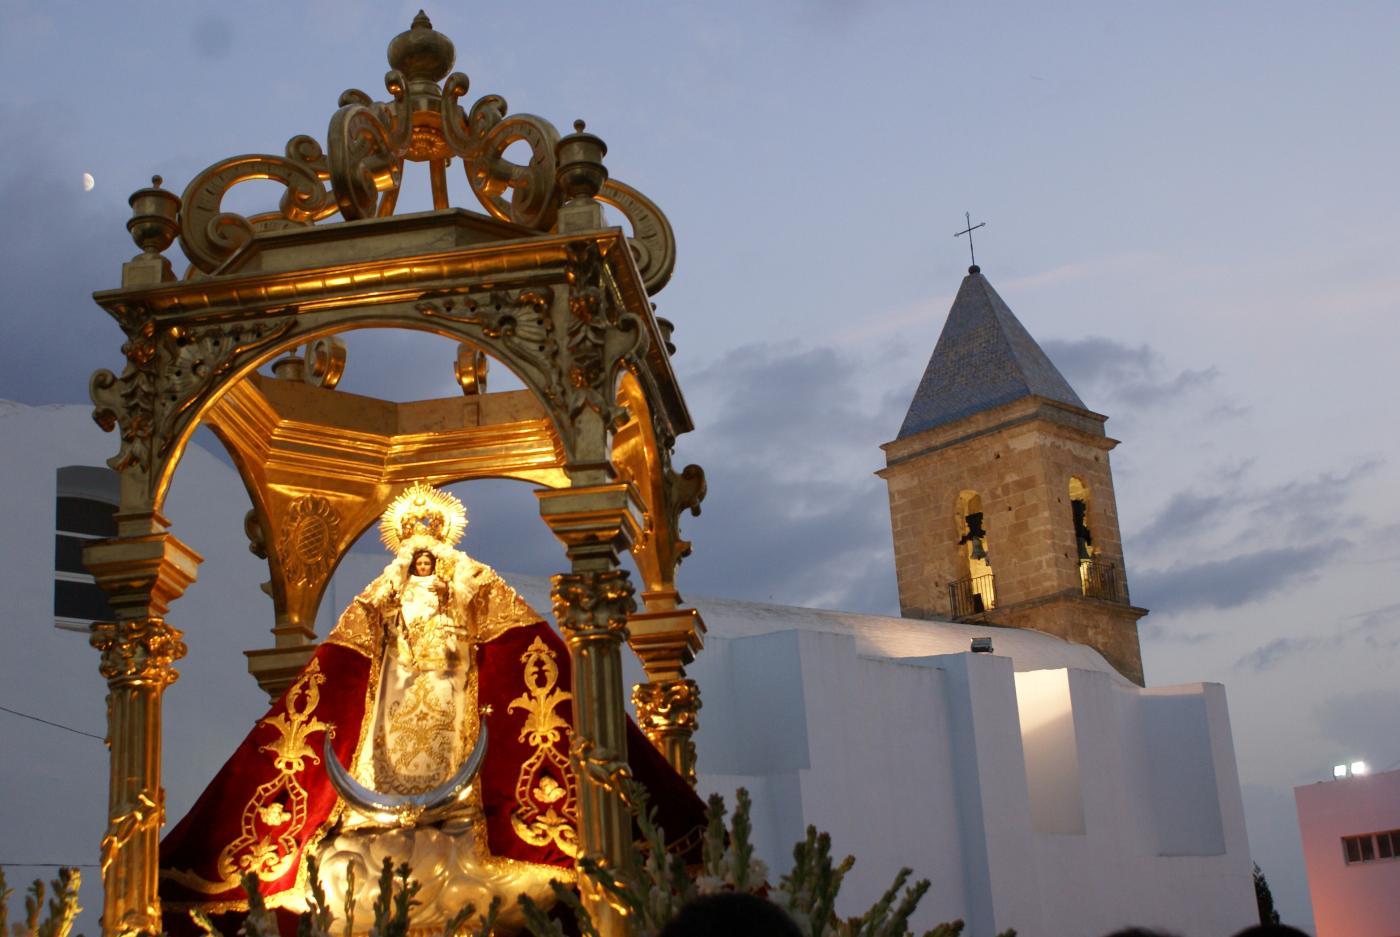 conil se prepara para la feria en honor a su patrona ntra sra de las virtudes - The best feasts to visit Andalusia in Summer 2018